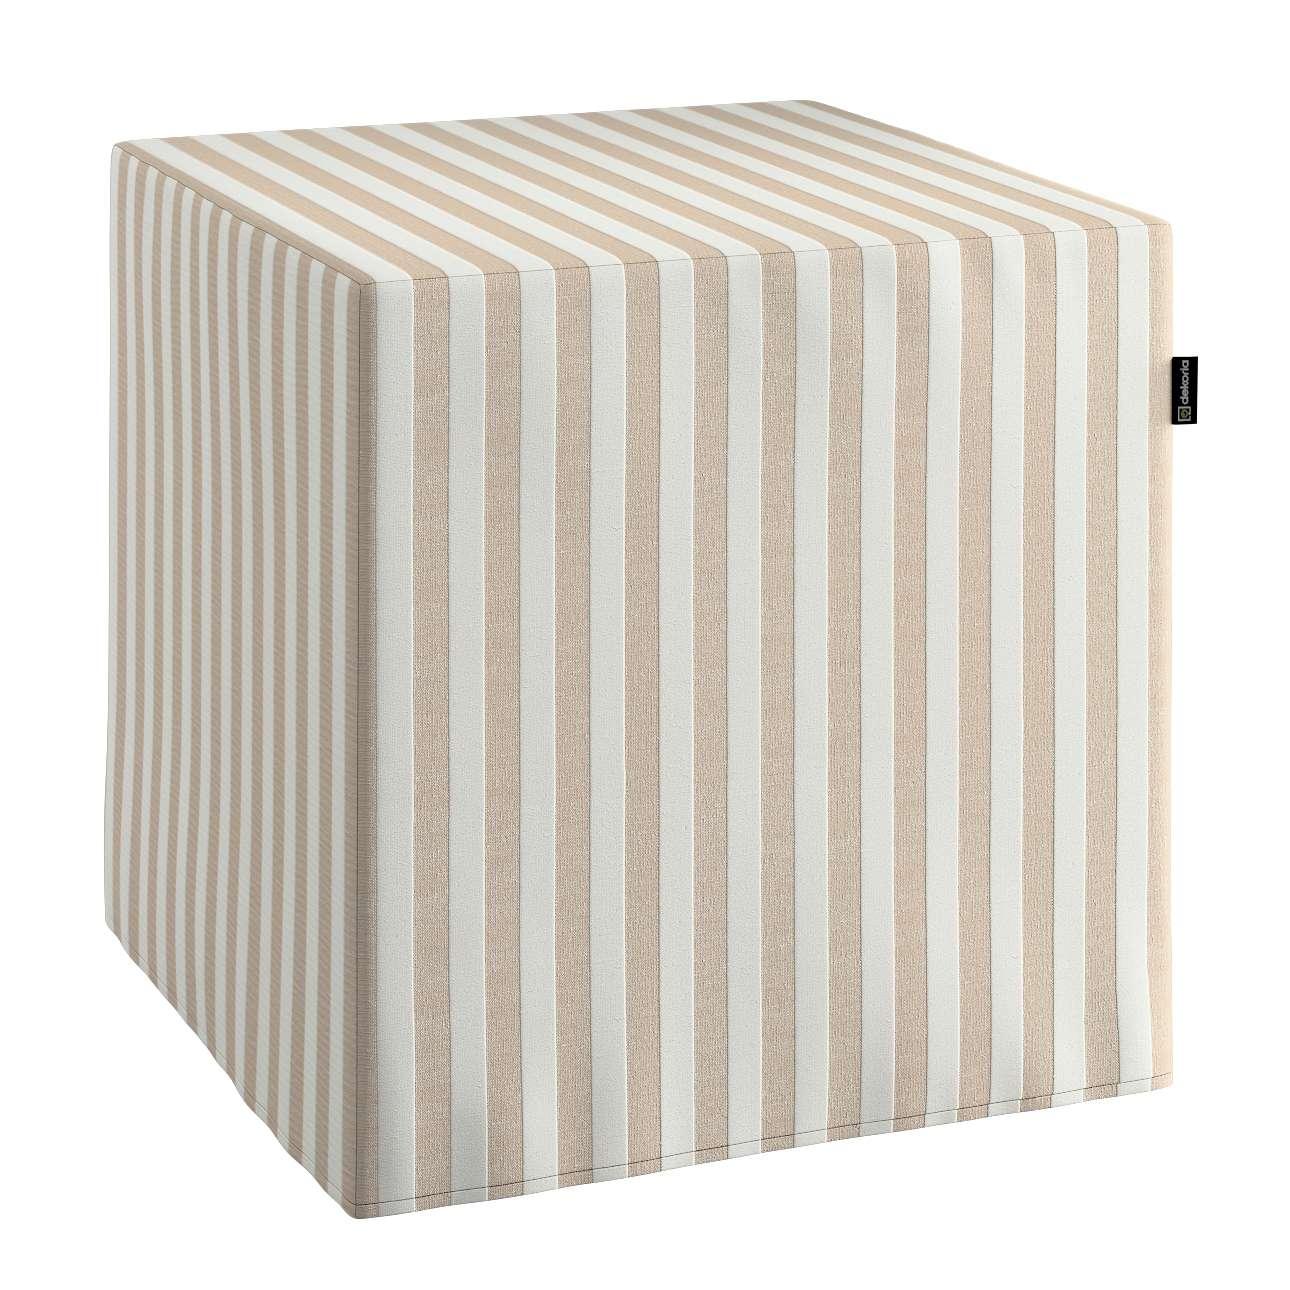 Sedák kostka - pevná 40x40x40 v kolekci Quadro, látka: 136-07